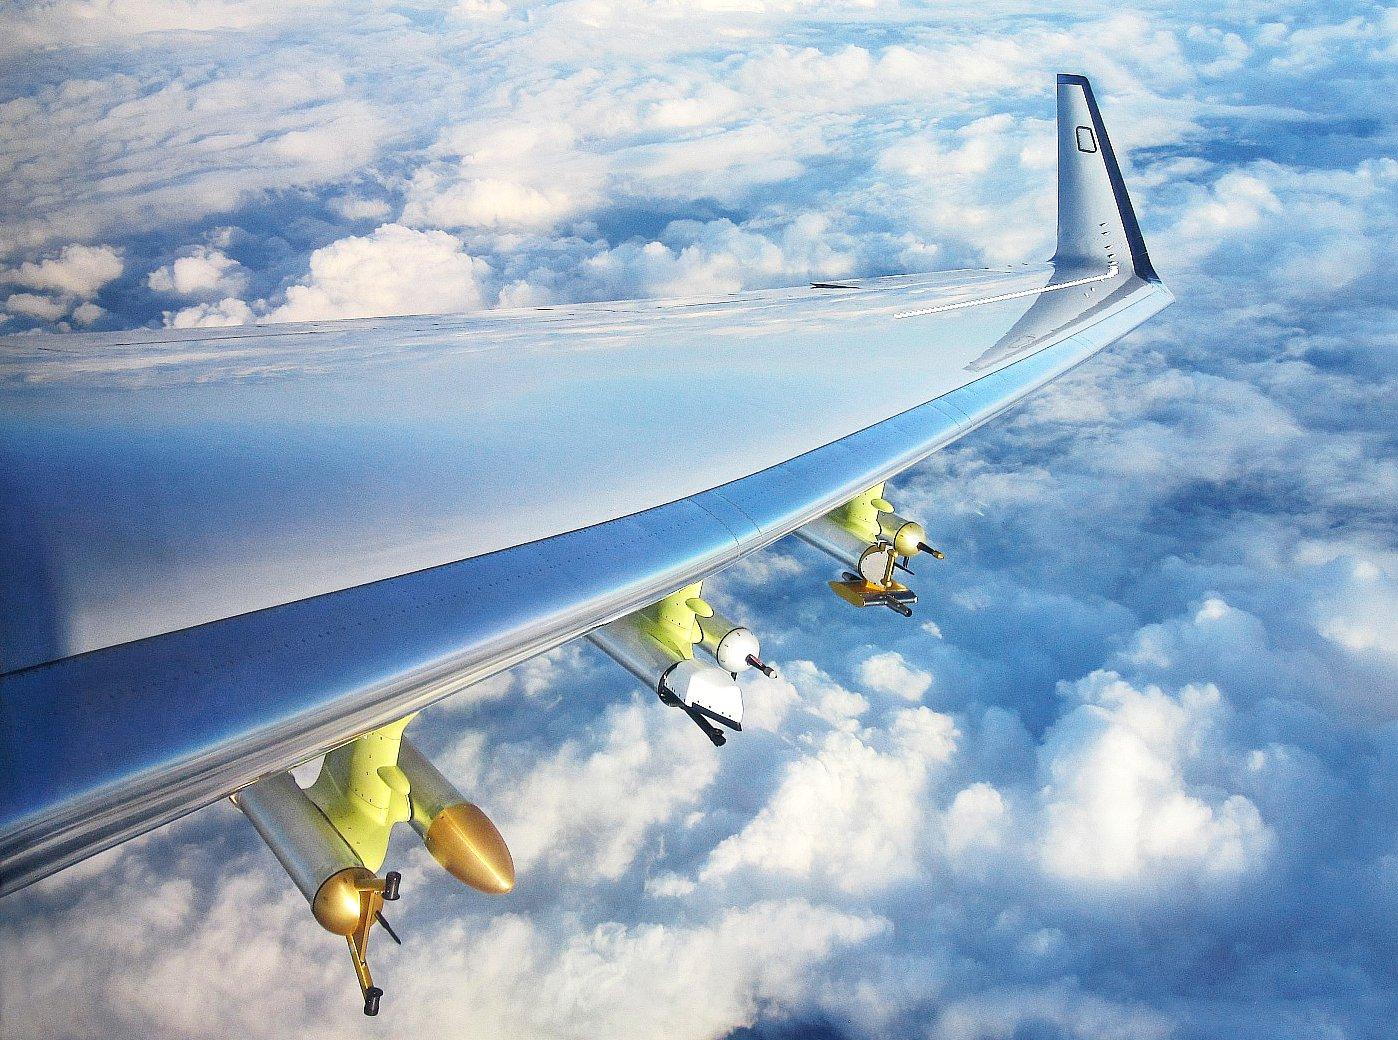 Halo fliegt mit einer der modernsten Wolken-Instrumentierungen weltweit. In den sogenannten